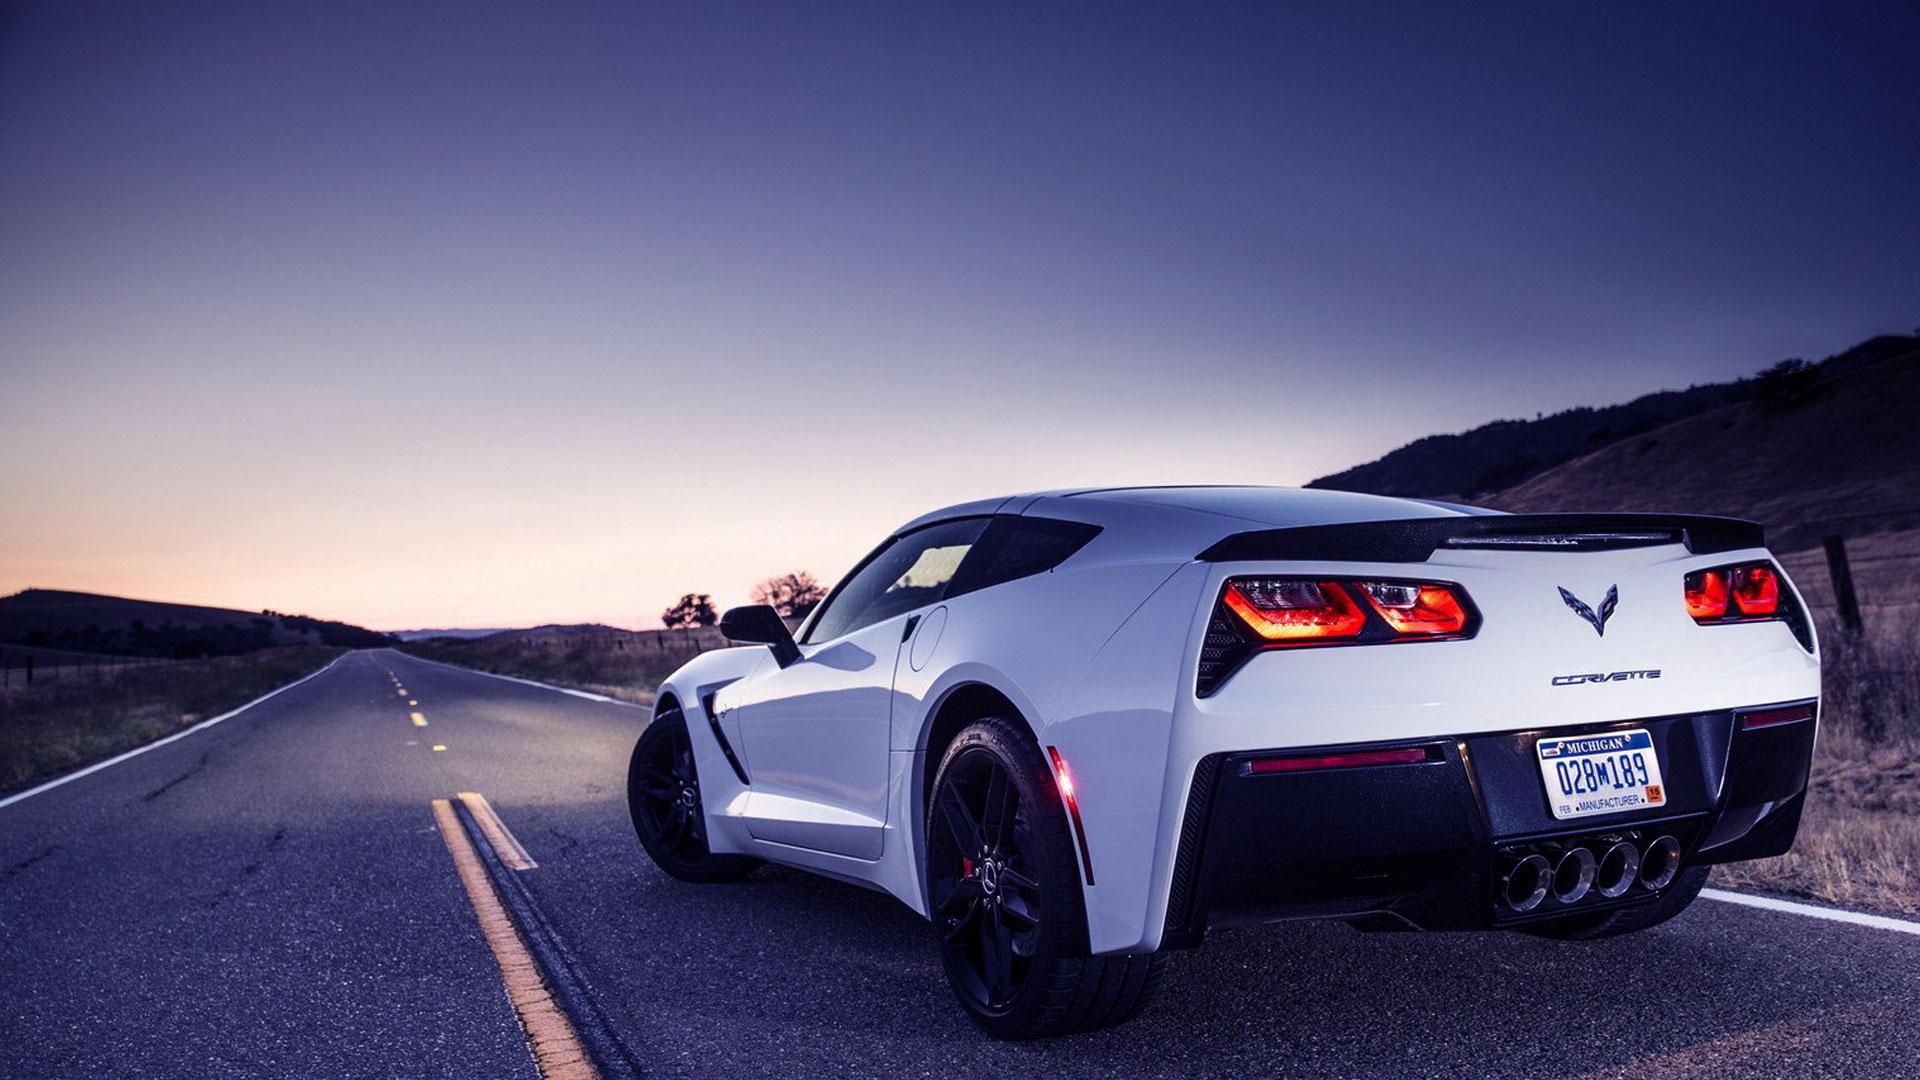 Chevrolet Corvette Wallpapers Download 3S1766C WallpapersExpertcom 1920x1080